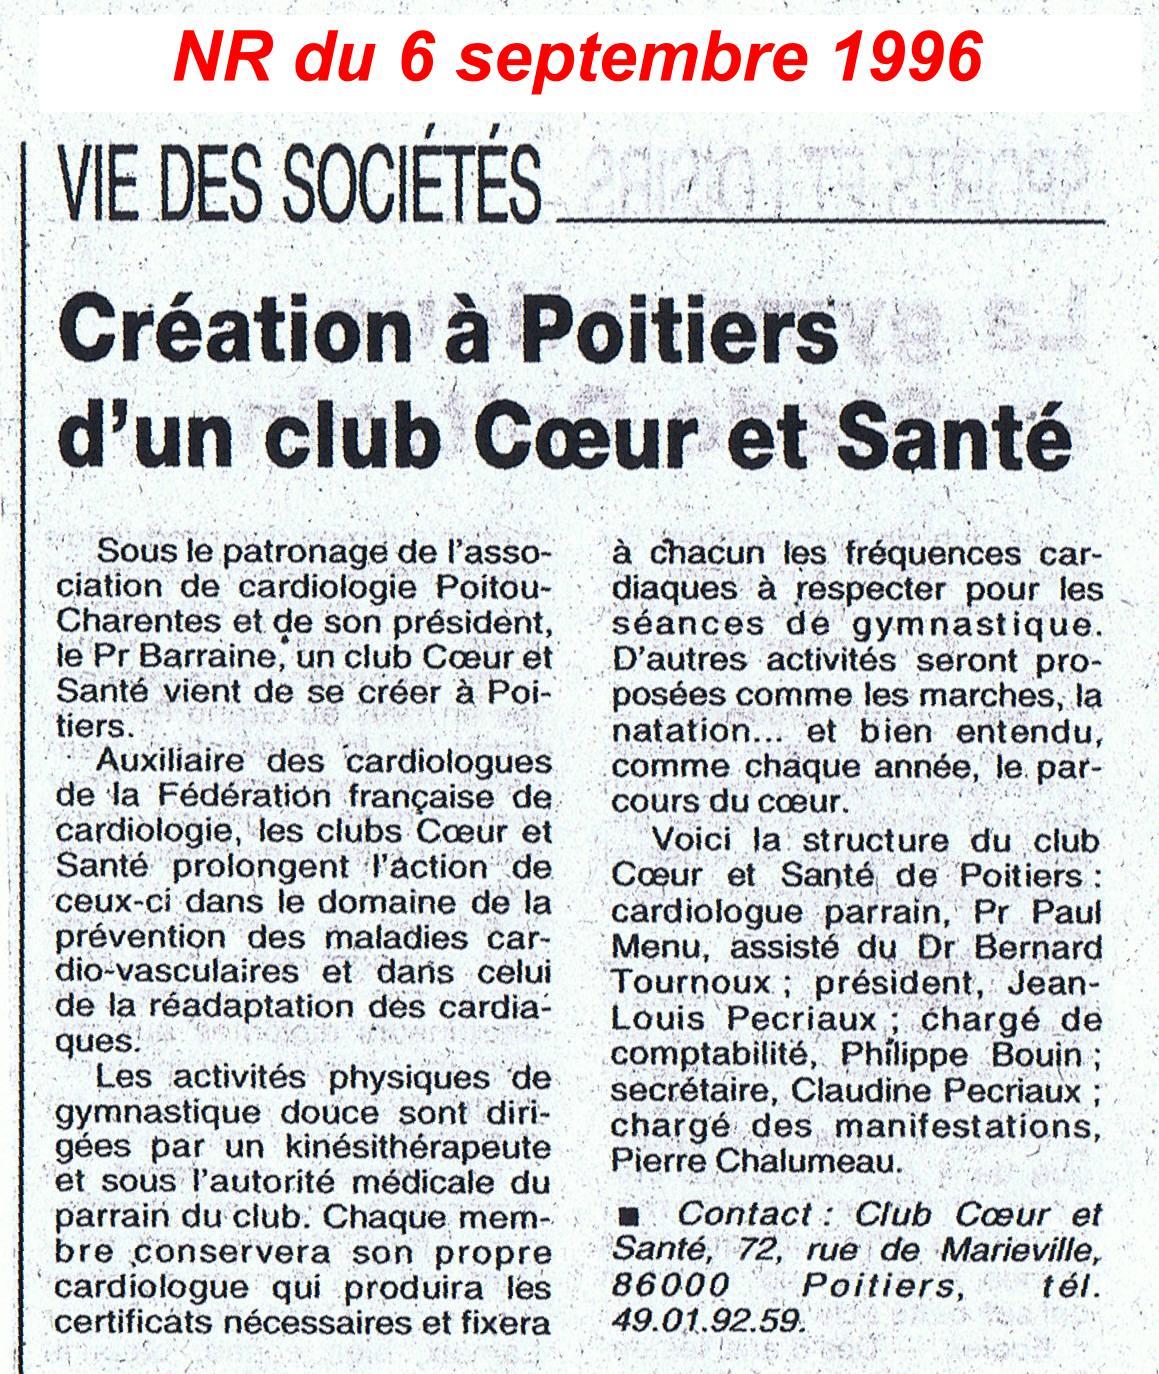 1996_09_06_-nr_creation-du-club